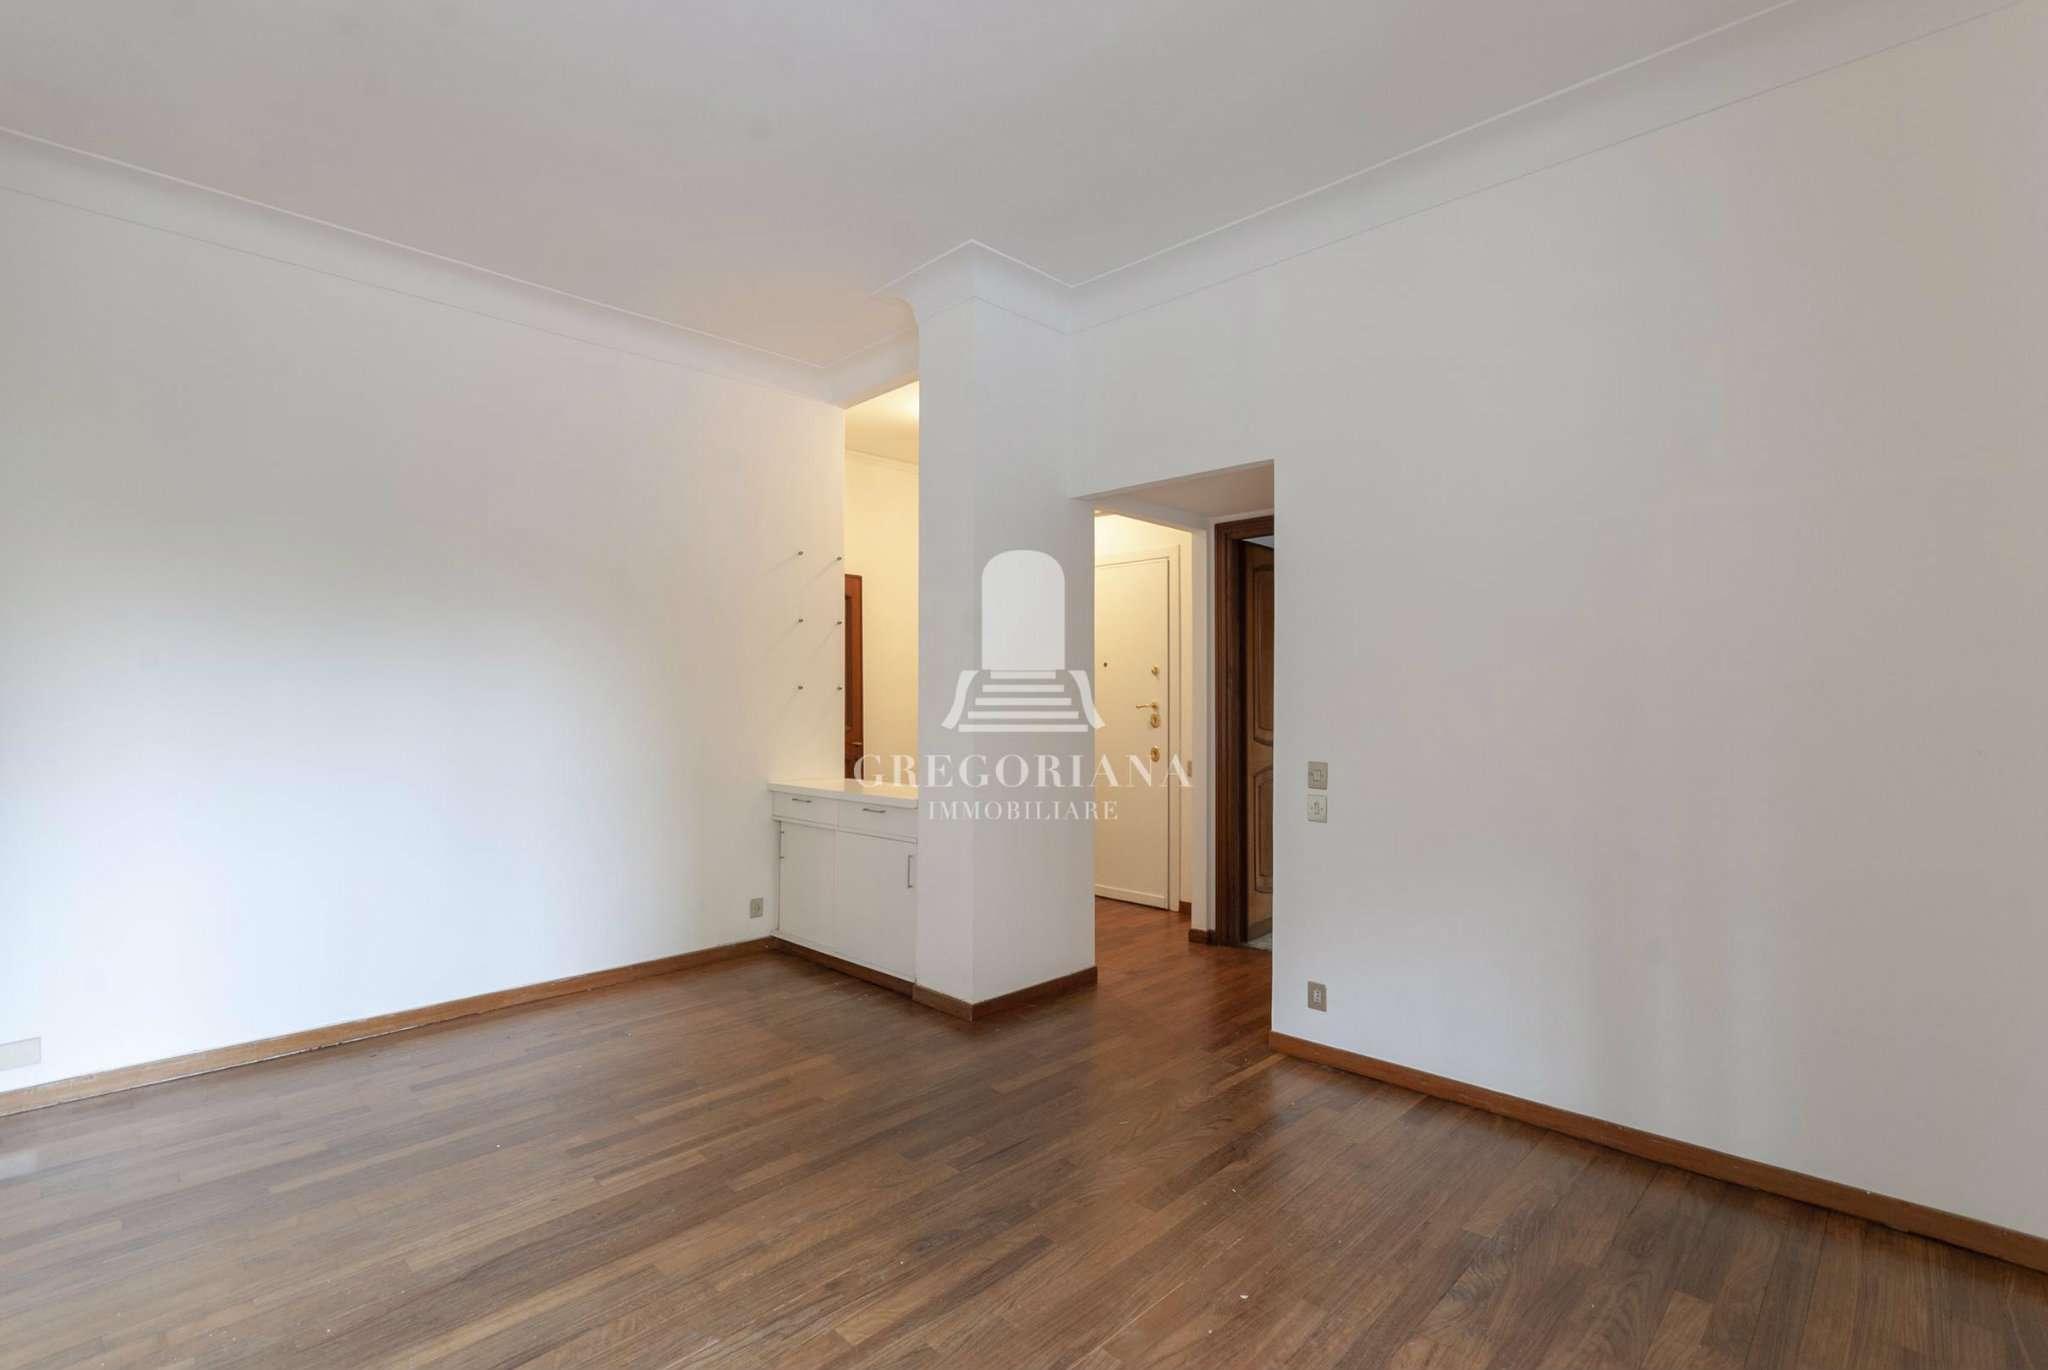 Appartamento in vendita a Roma, 2 locali, zona Zona: 32 - Fleming, Vignaclara, Monte Milvio, prezzo € 248.000 | CambioCasa.it